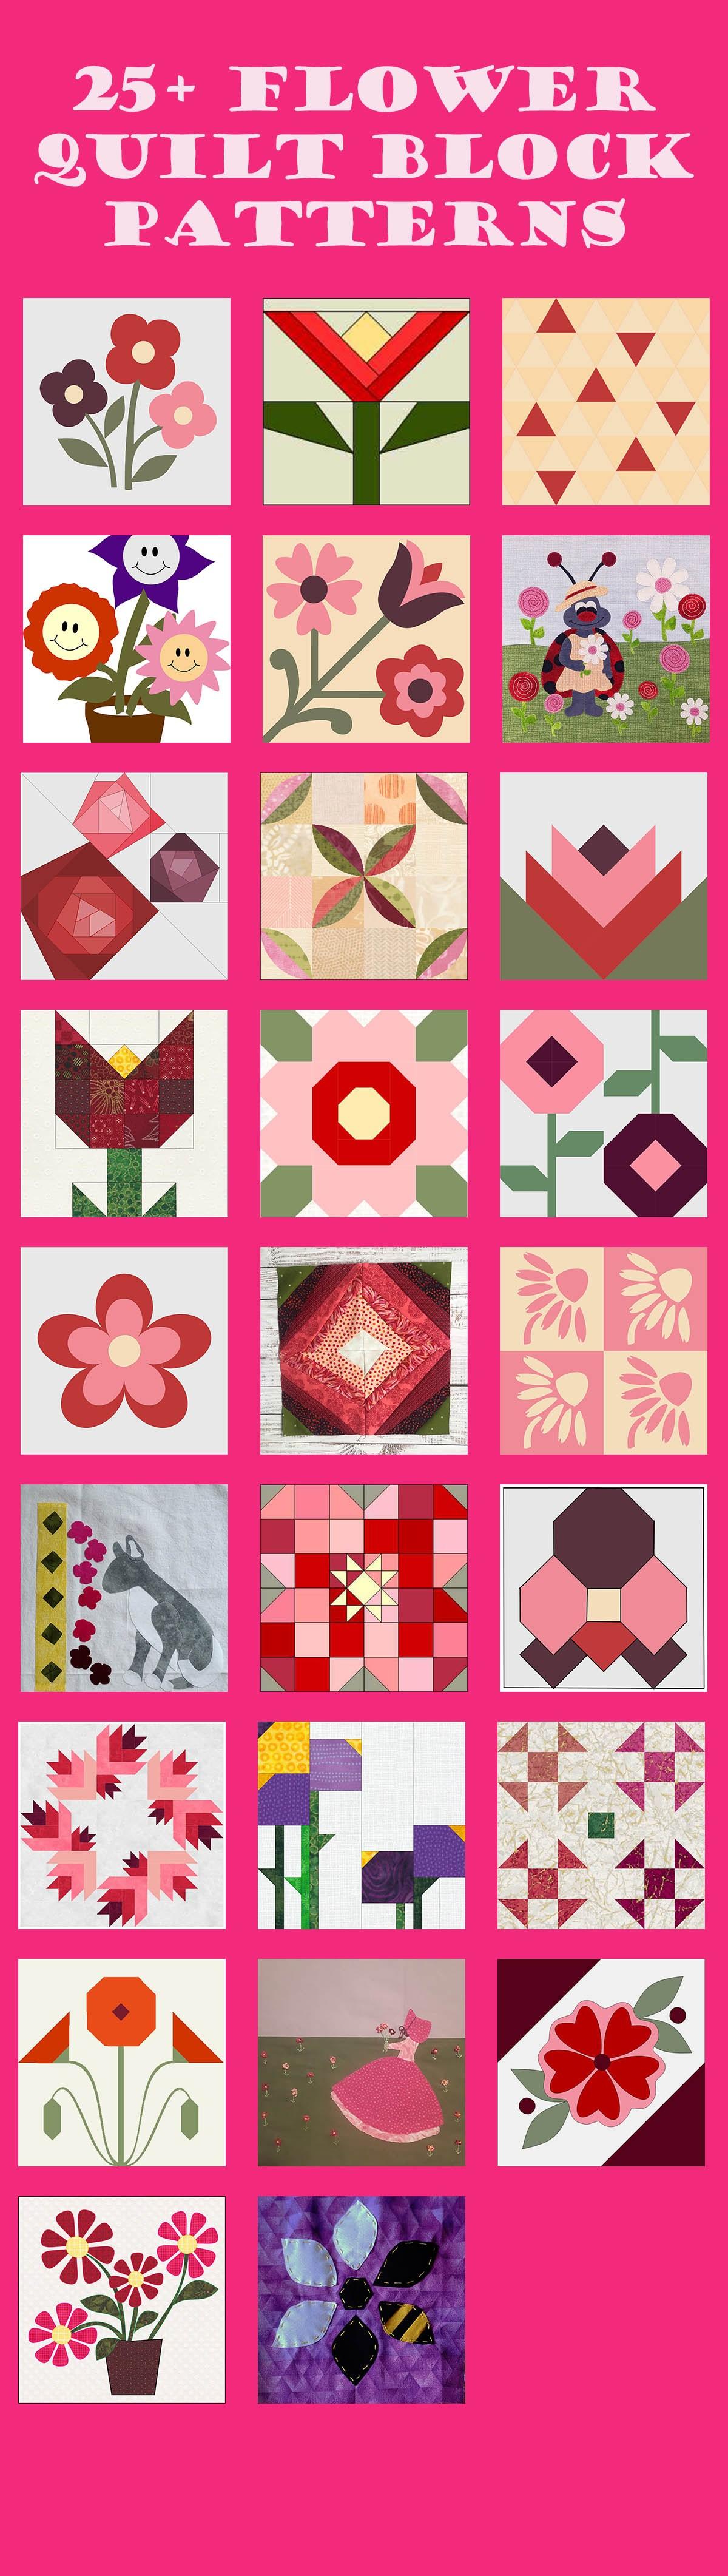 Flower Blocks banner